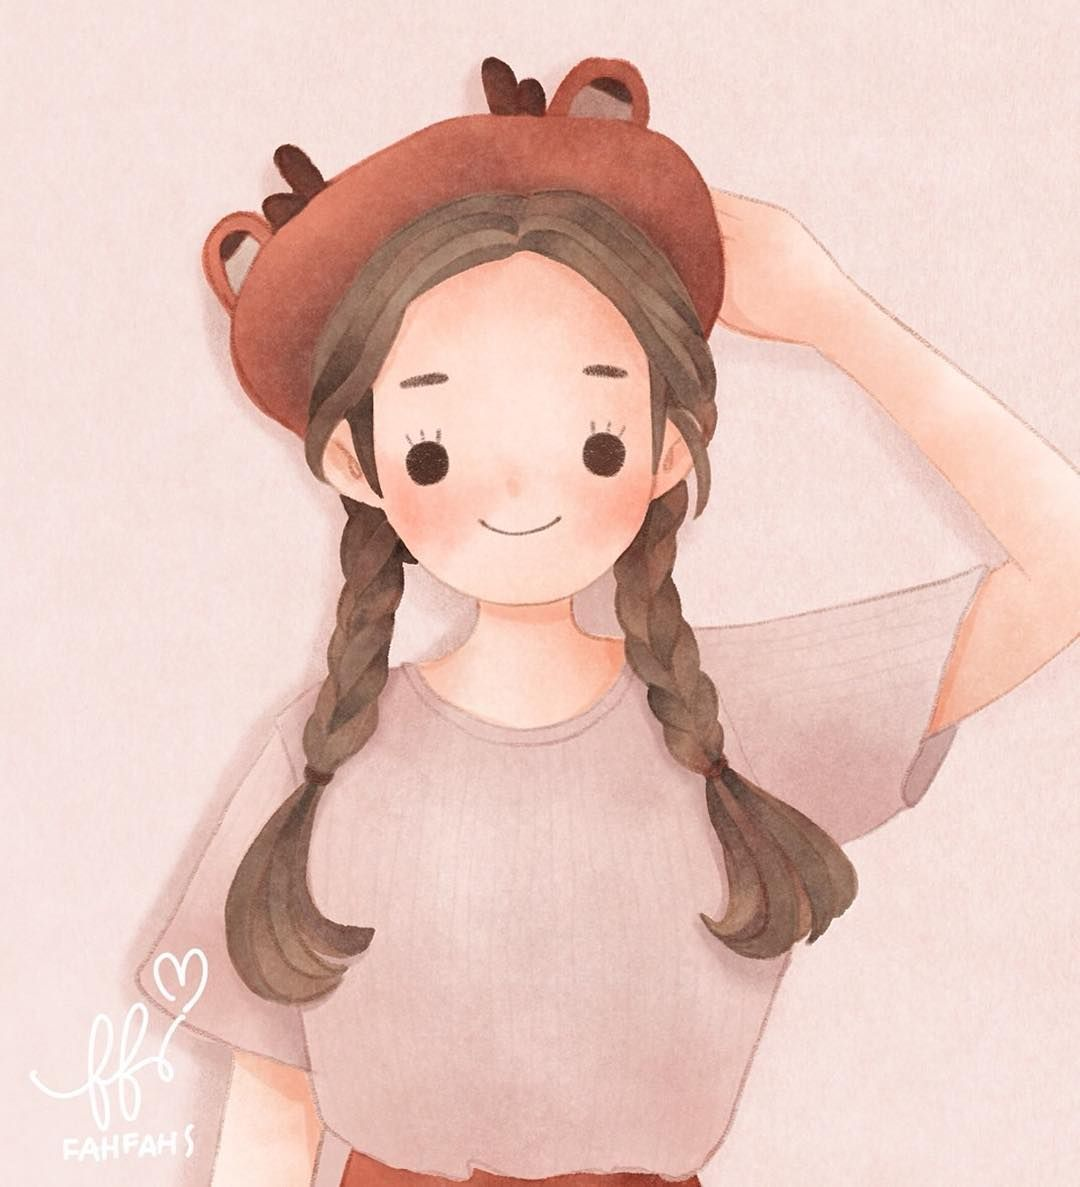 """Fahfahs NK / illustrator on Instagram: """"น้อง 💋 @xiangpornsroung _______________________________ * รายละเอียดรับวาดรอนิดนึงน้าาา เดี๋ยวจะมาแจ้งอีกทีจ้า กำลังทำรายละเอียดอยู่จ้า"""""""